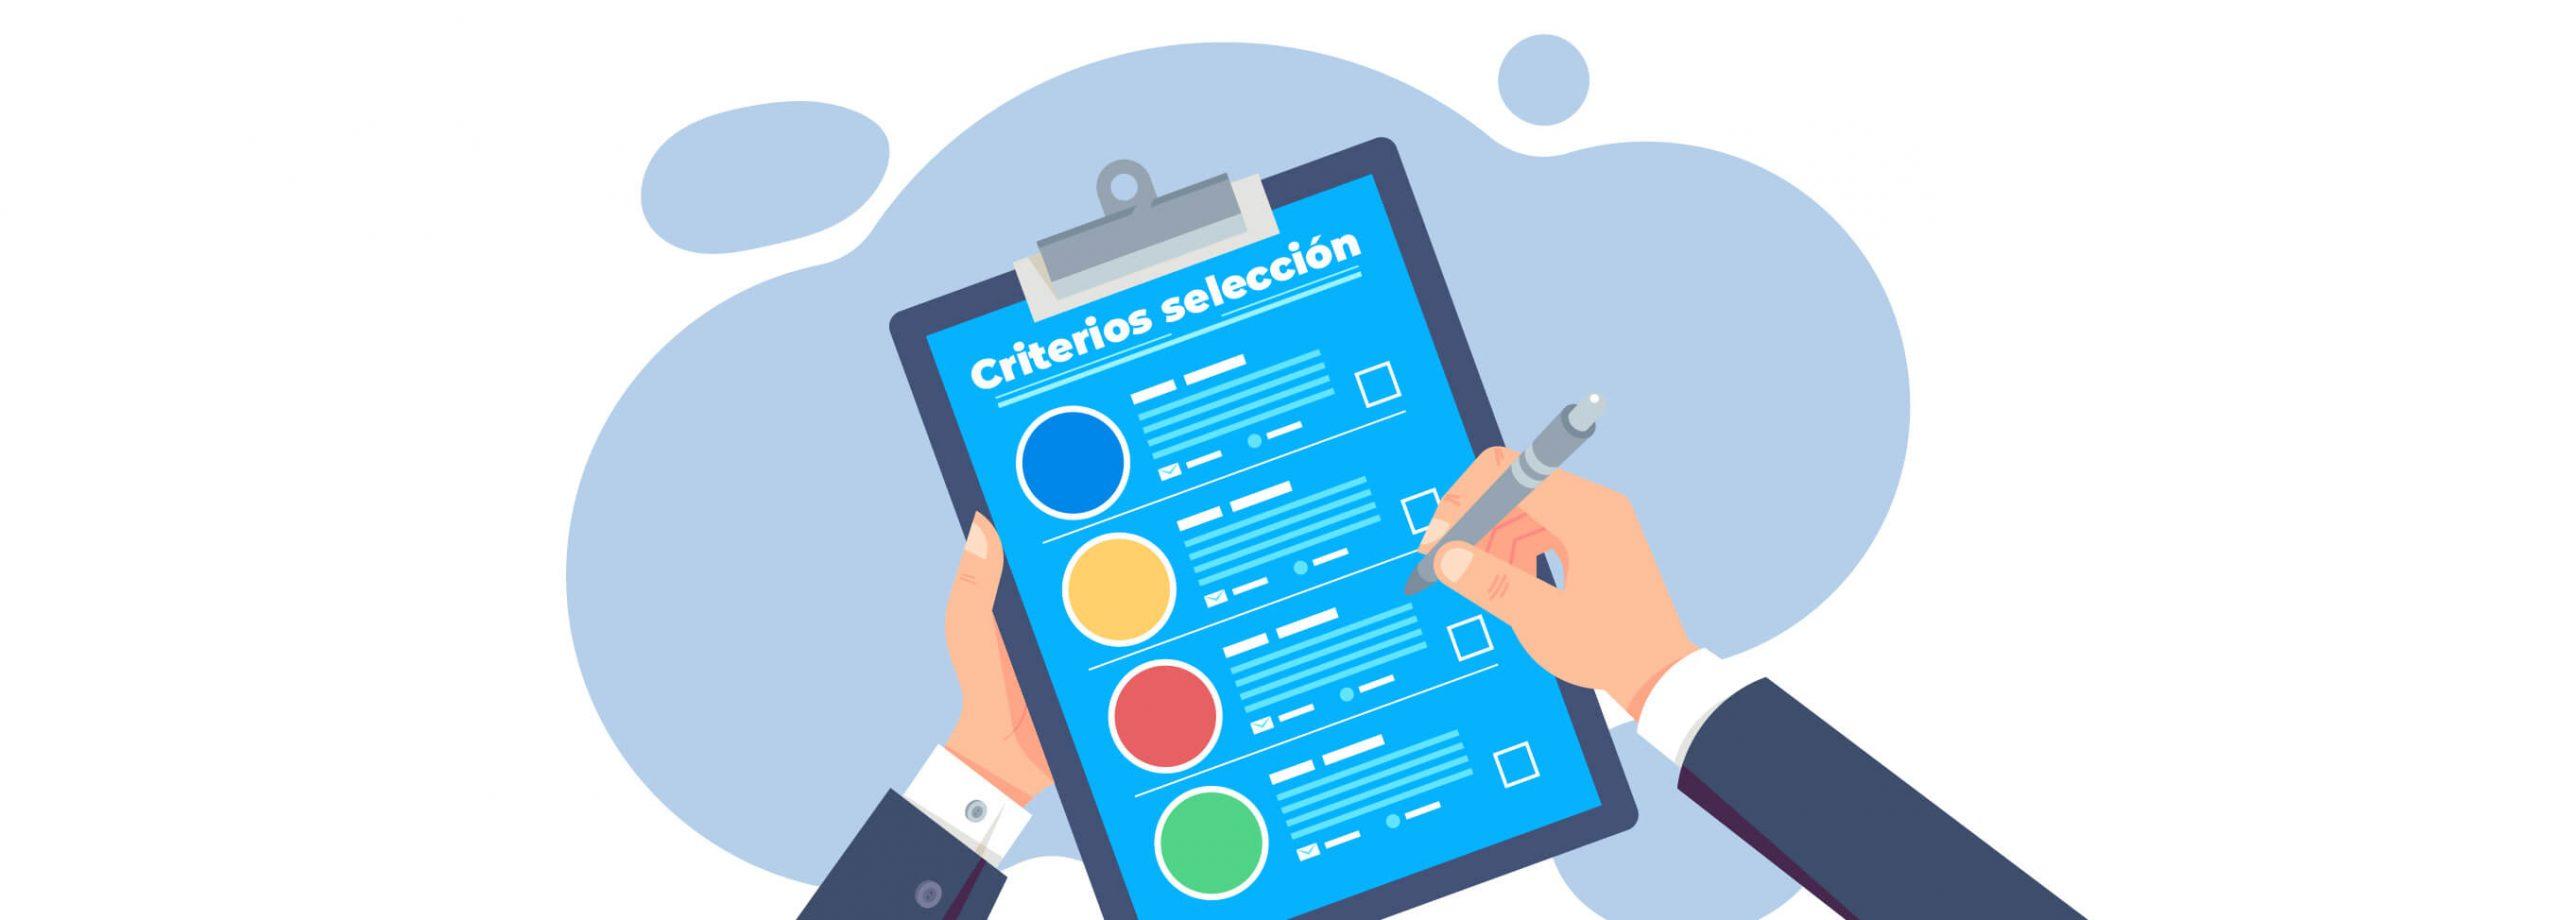 criterios-seleccion-erp